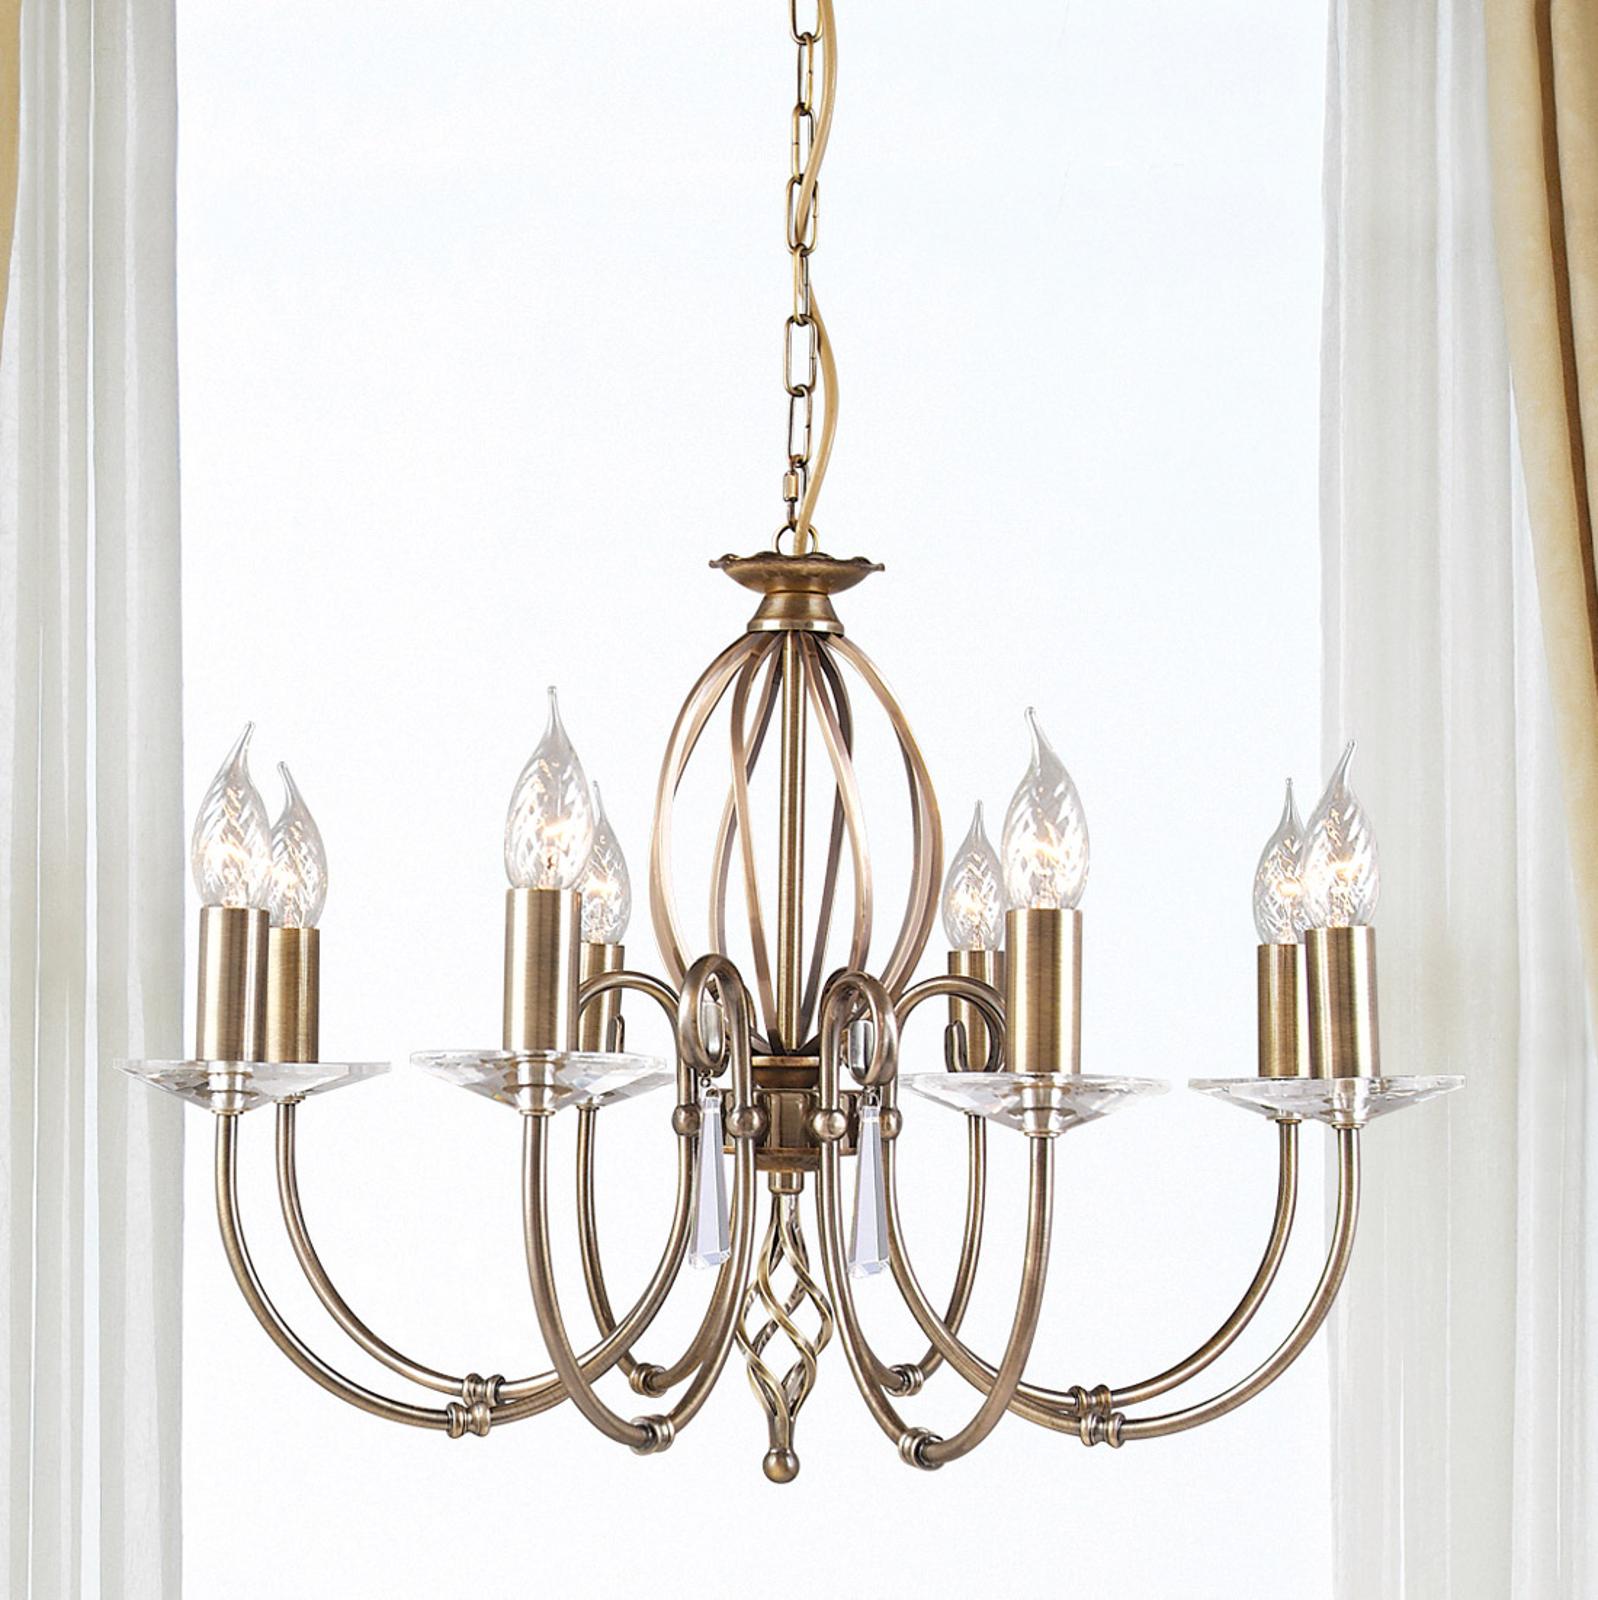 8-light chandelier Aegean_3048319_1